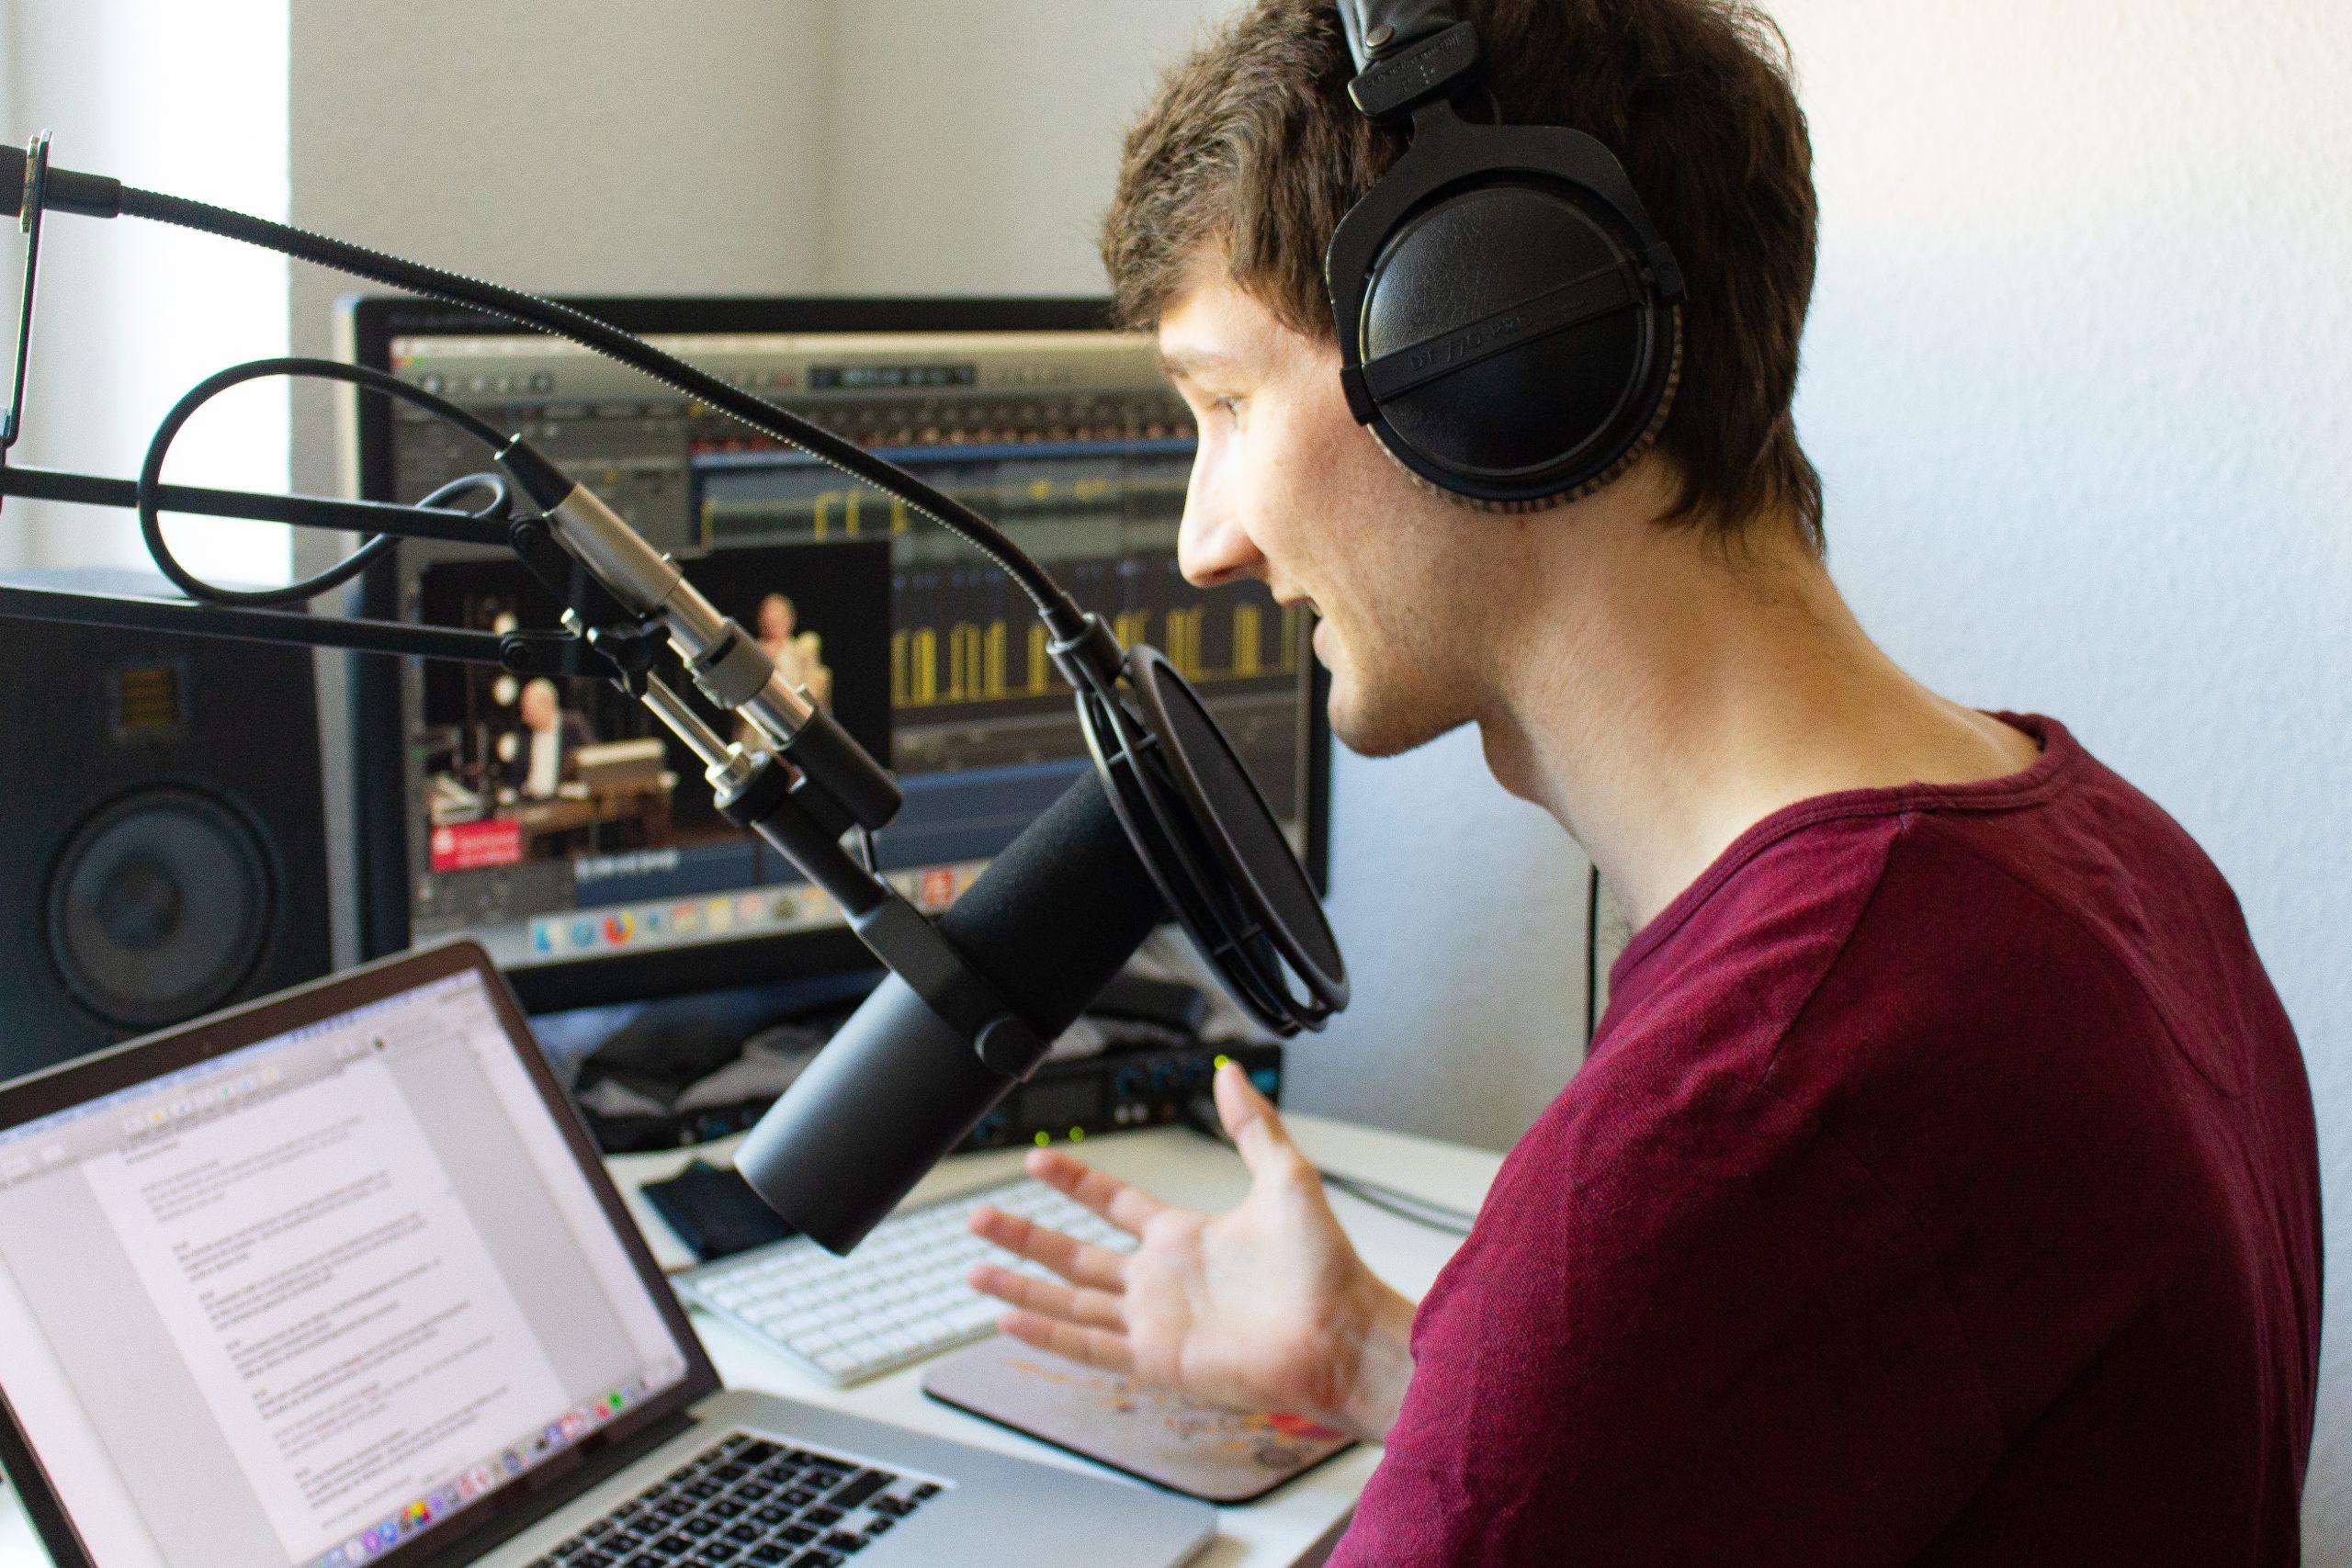 Sprecher Florian Eib sitzt an einem Schreibtisch vor einem Mikrofon. Er blickt auf einen Laptop auf dem ein Text abläuft. Im Hintergrund ein Monitor auf dem ein Aufnahmeprogramm abläuft, Foto: Tomke Koop.